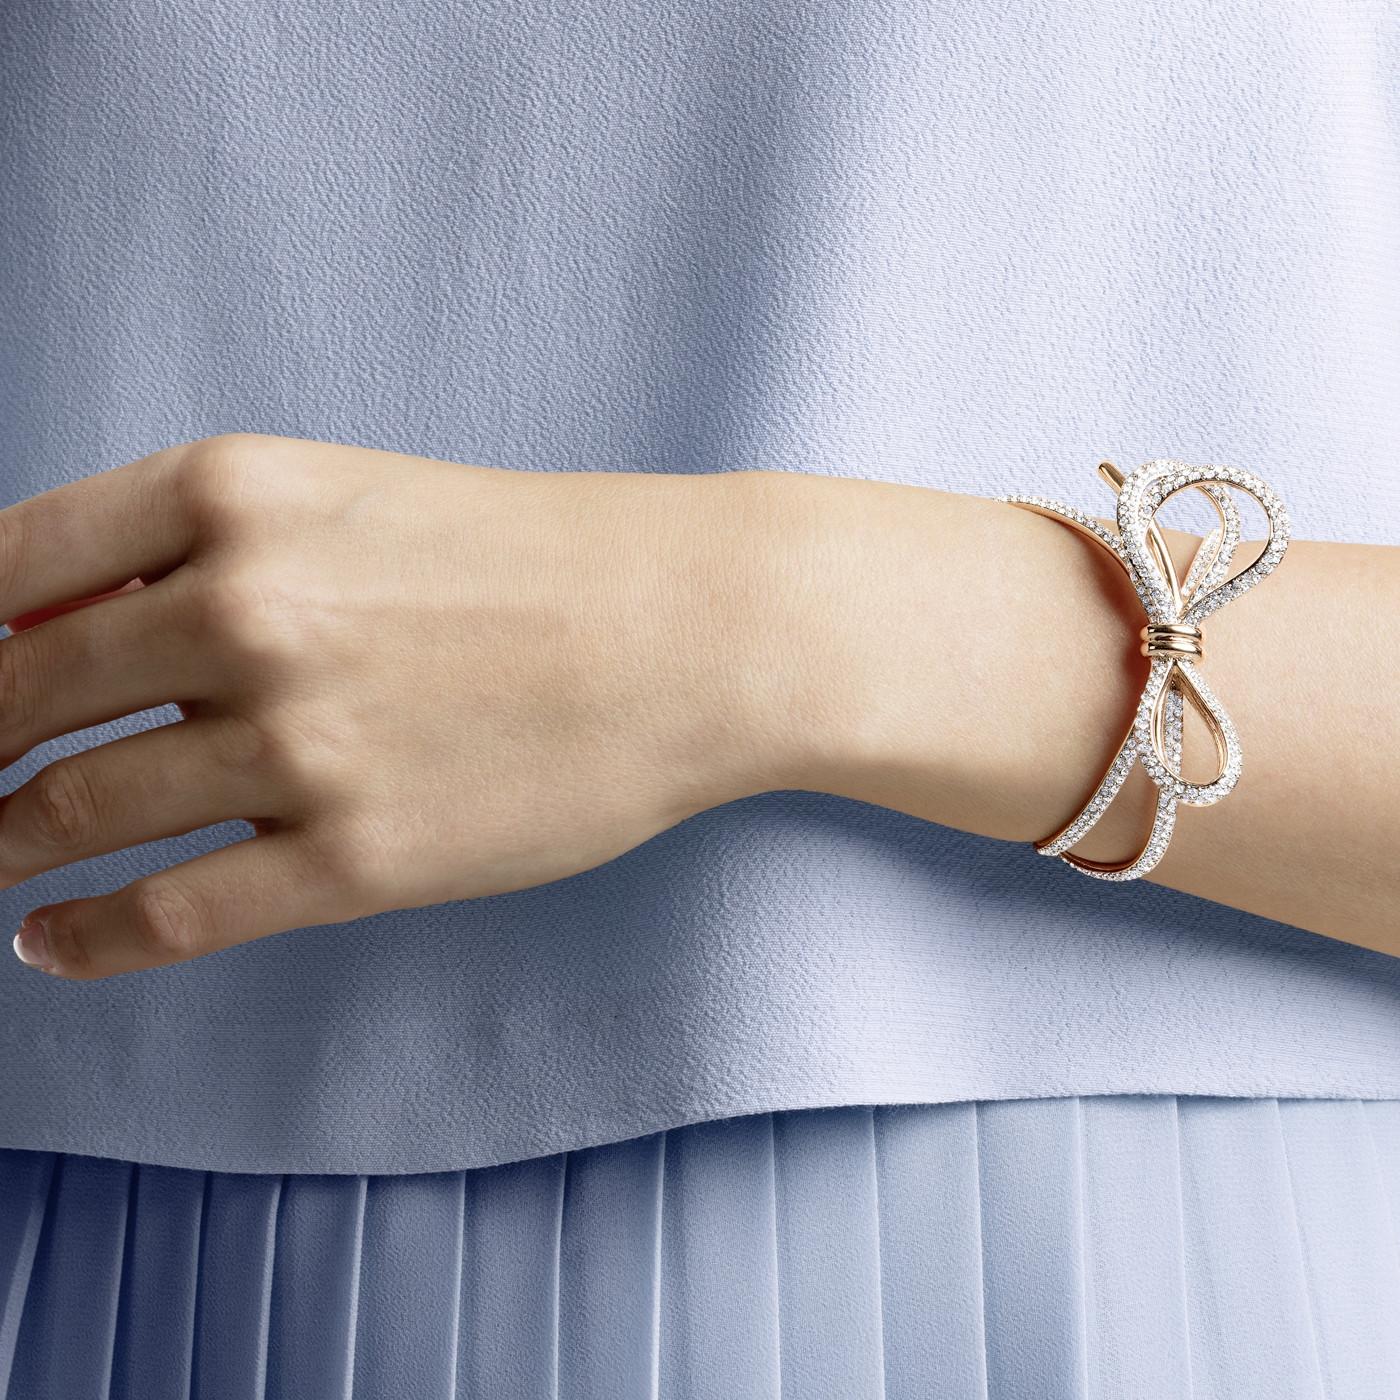 c0d858651 Swarovski Lifelong Bracelet swarovski-lifelong-bangle (Size: 17-17.5 cm) -  Jewelry